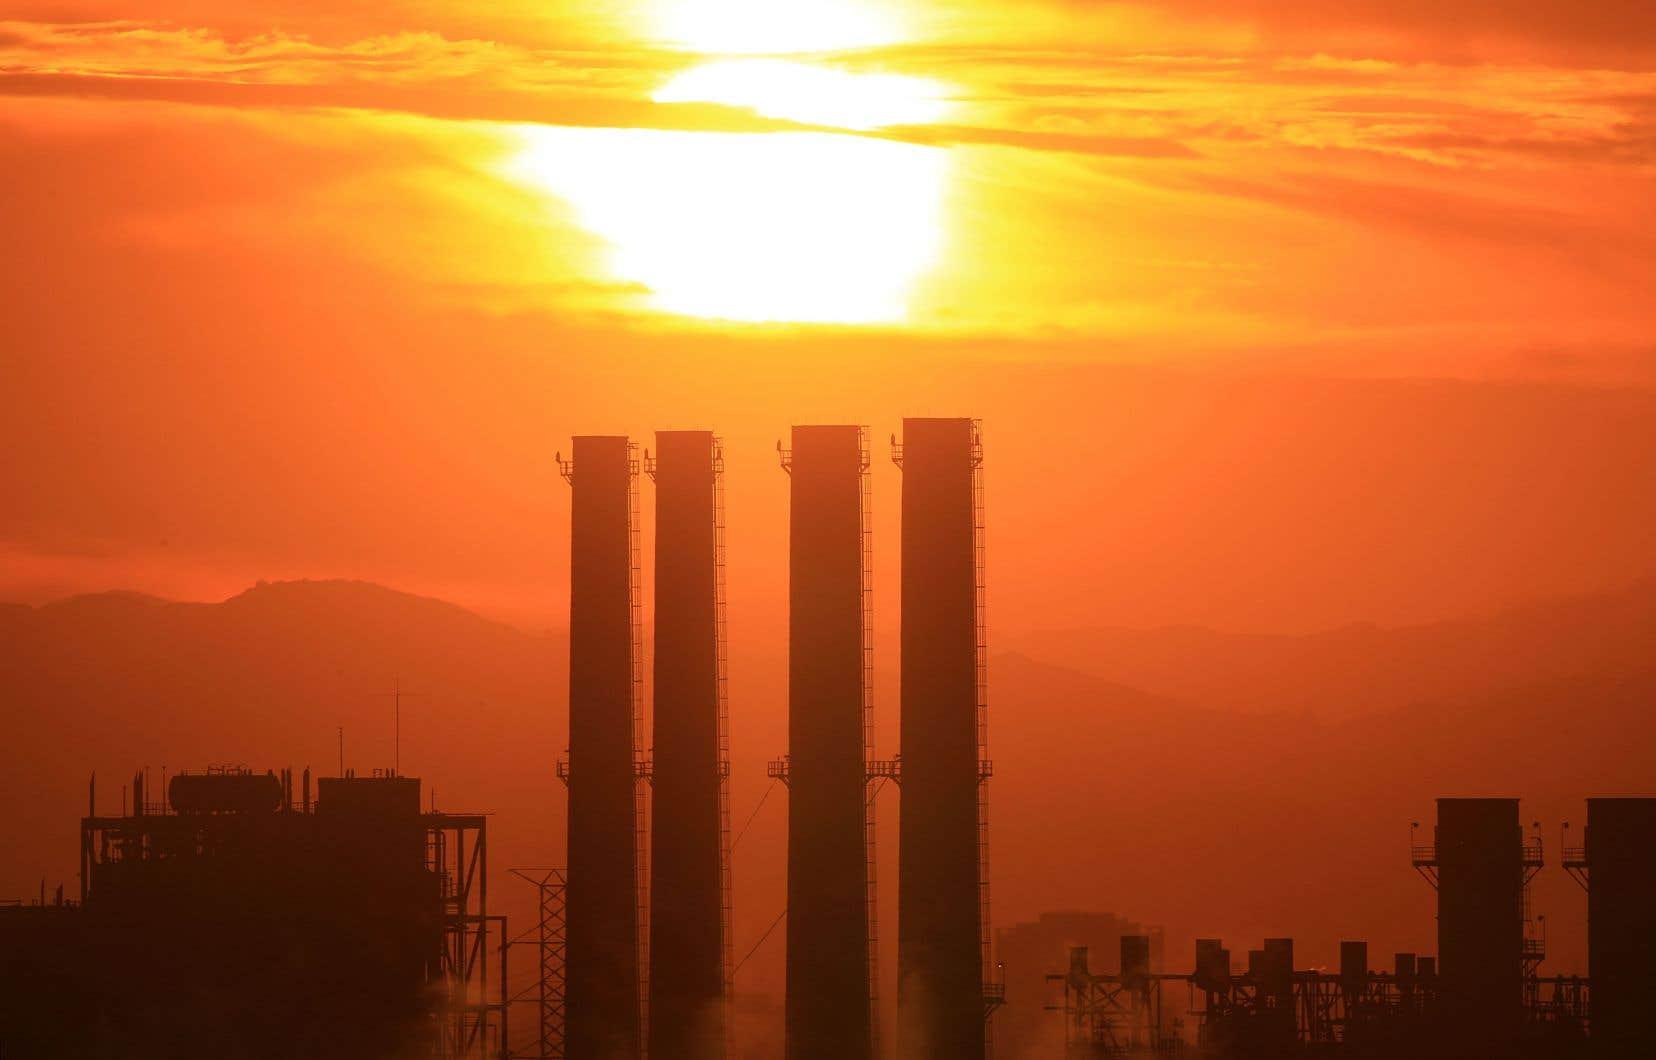 Les gaz à effet de serre, à l'origine des changements climatiques, ont franchi de nouveaux pics de concentration dans l'atmosphère en 2017.